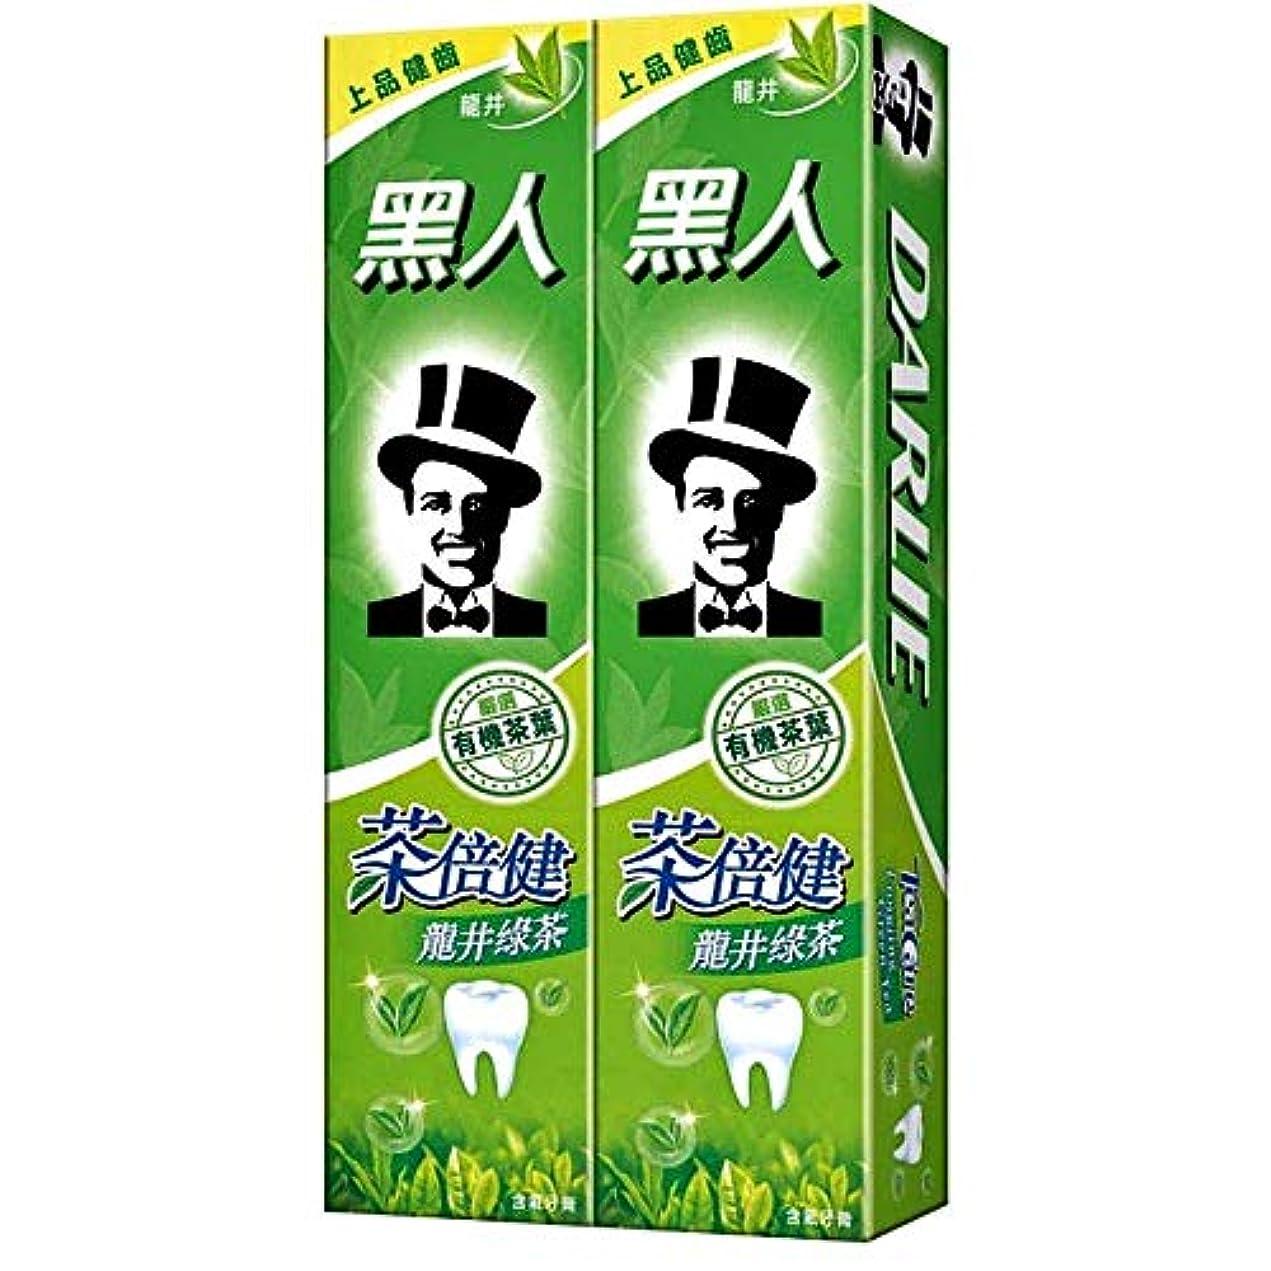 明確ににんじん控えめな黑人 茶倍健 龍井緑茶 緑茶成分歯磨き粉配合160g×2 [並行輸入品]